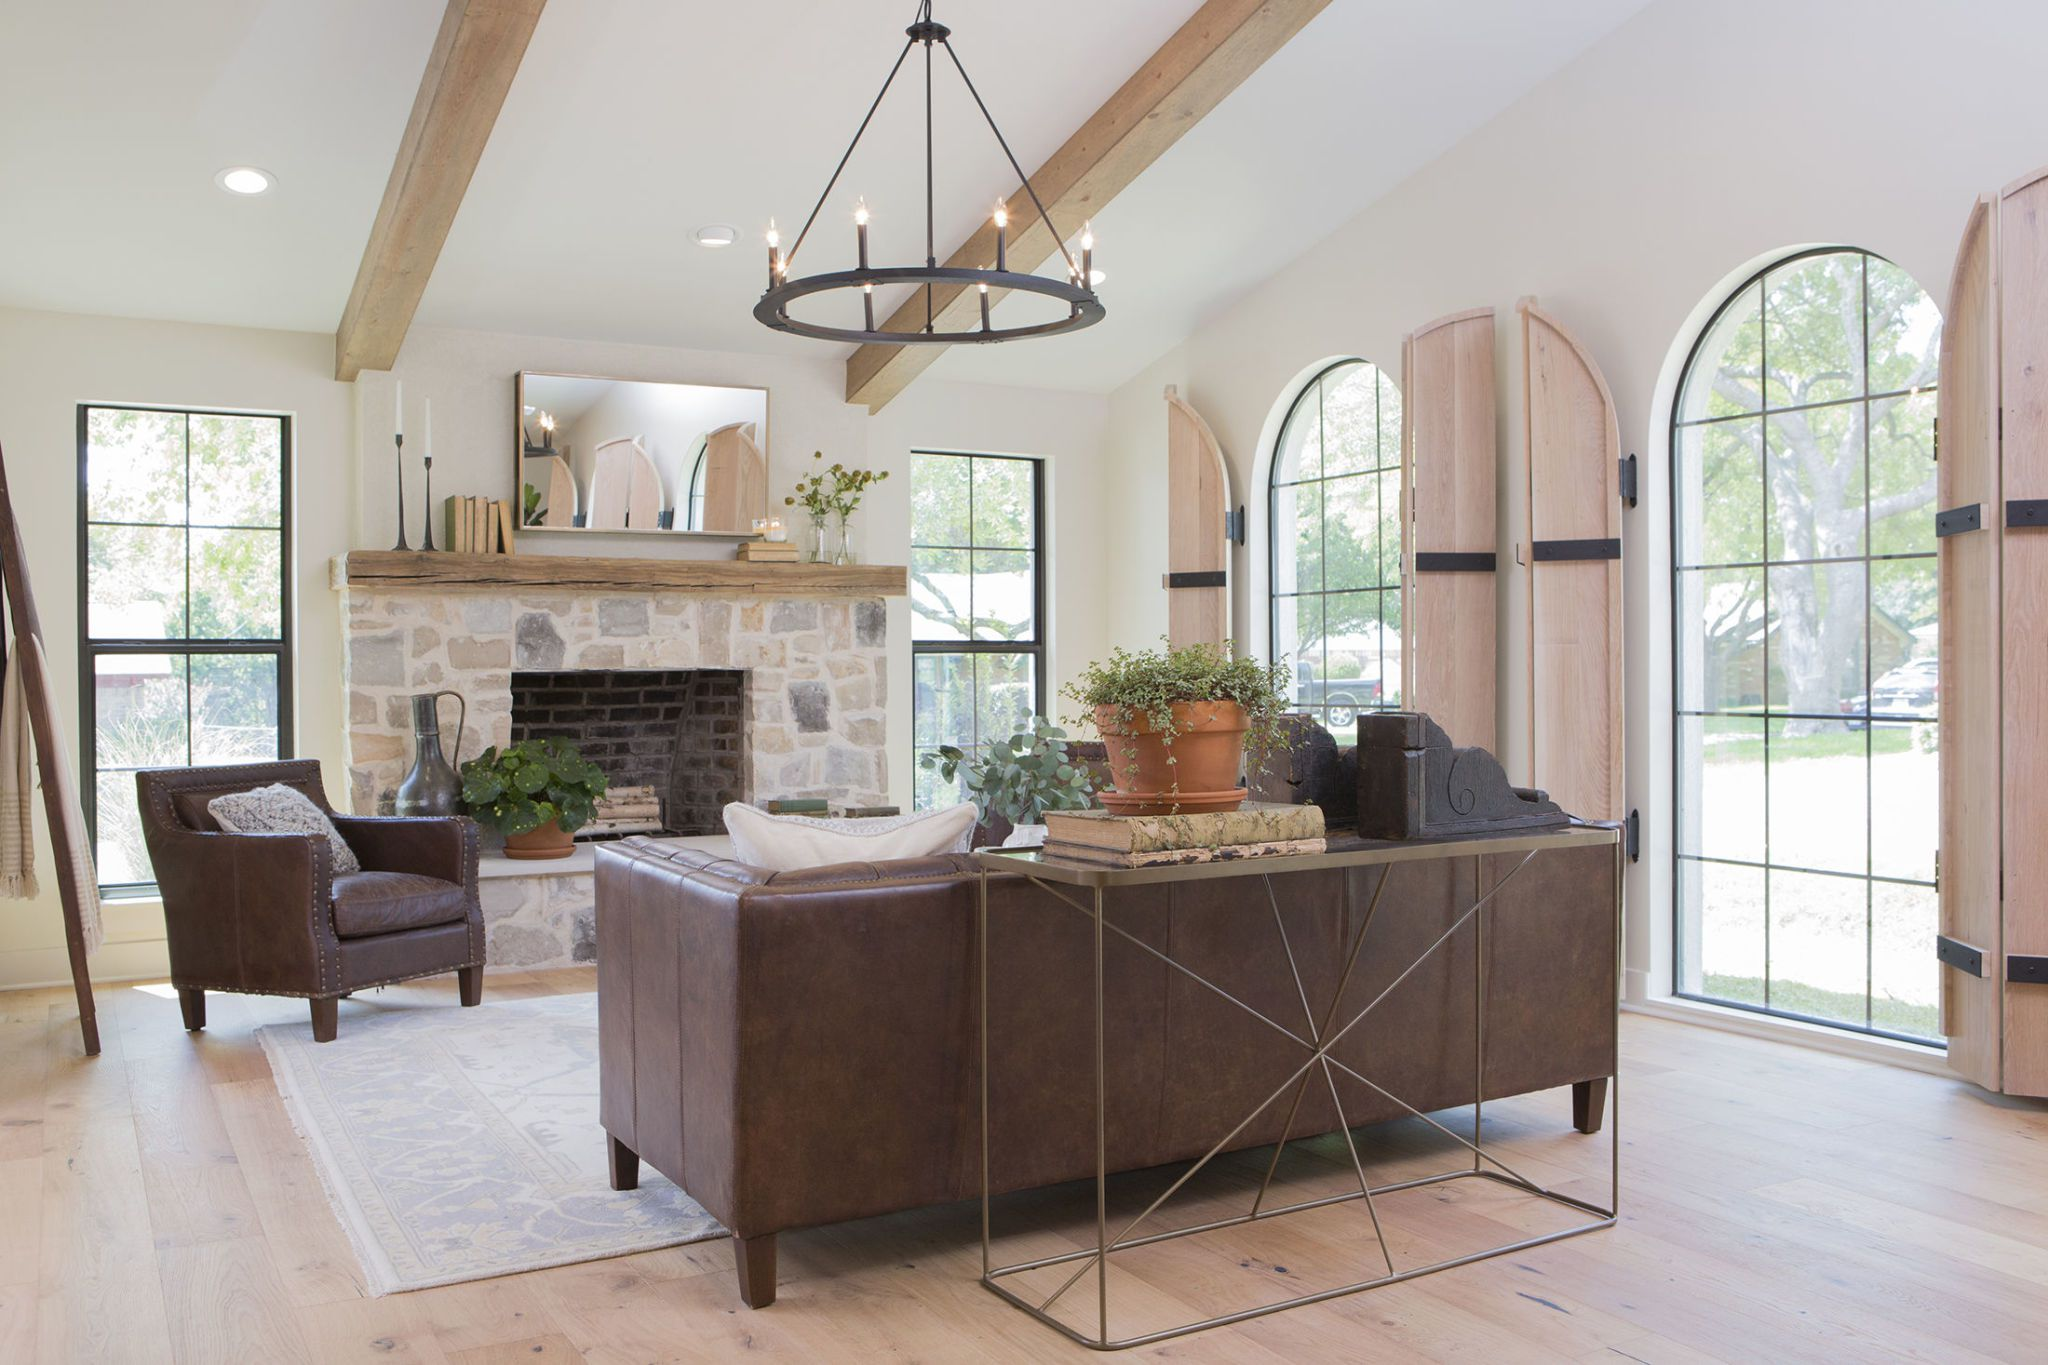 Modern Mediterranean Home Decor Trend - Joanna Gaines Popularizes